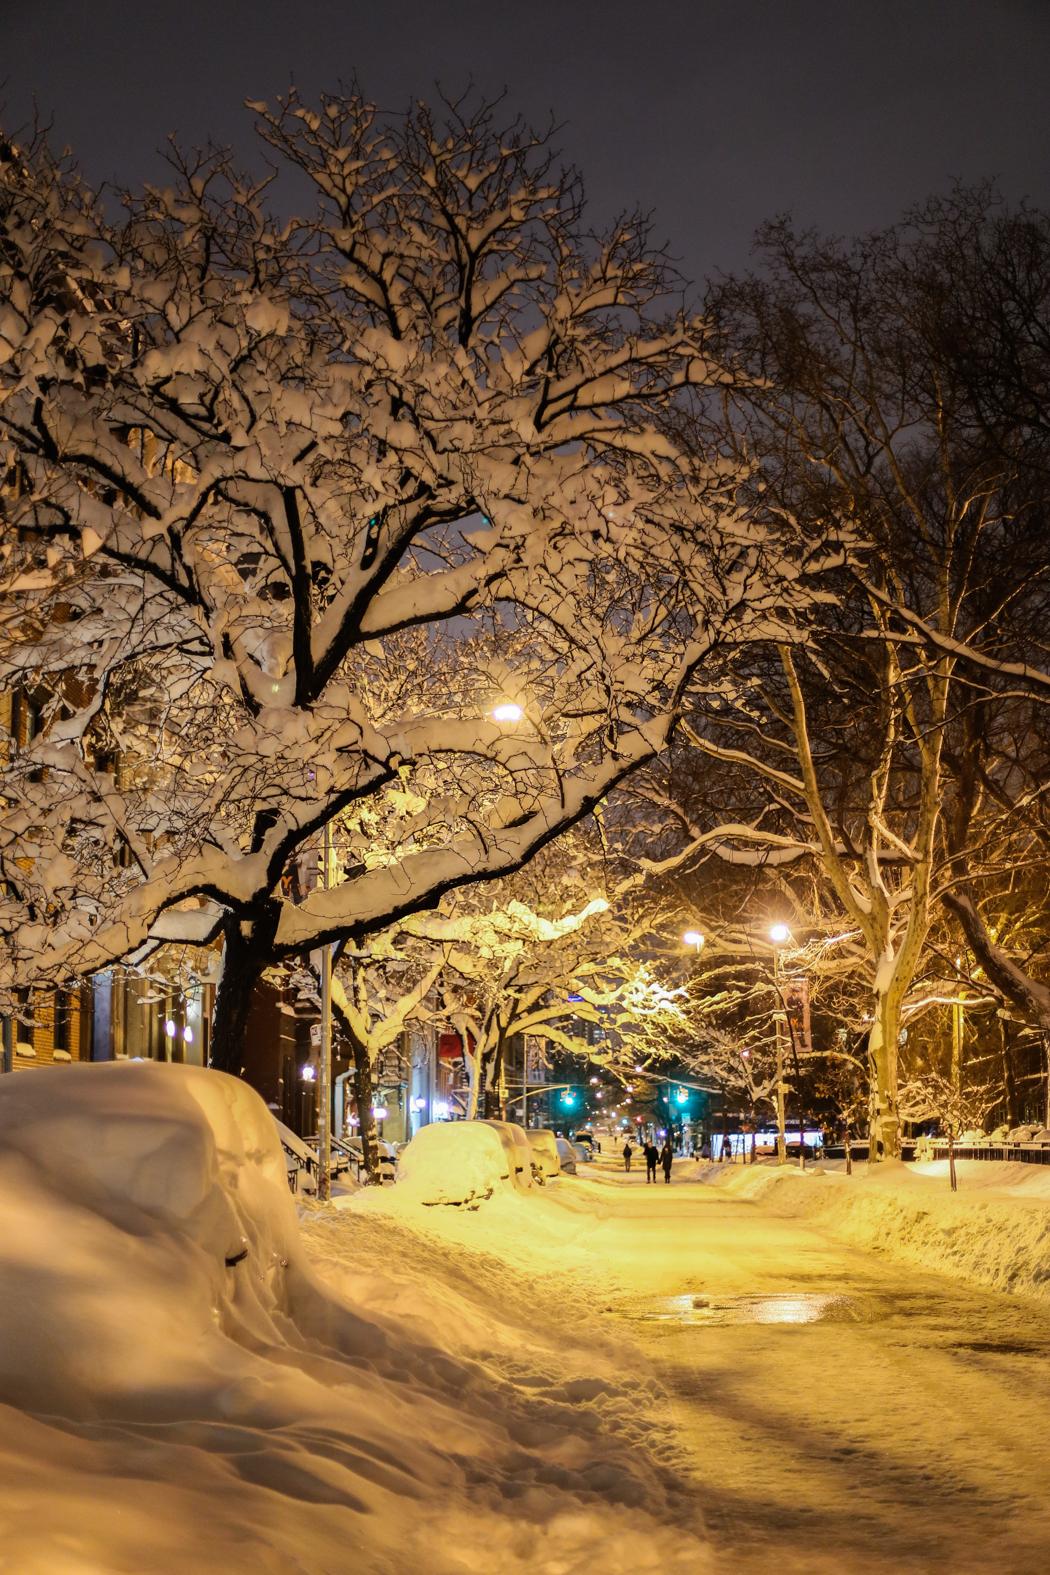 winterchaos-nyc-jan2016-III-7